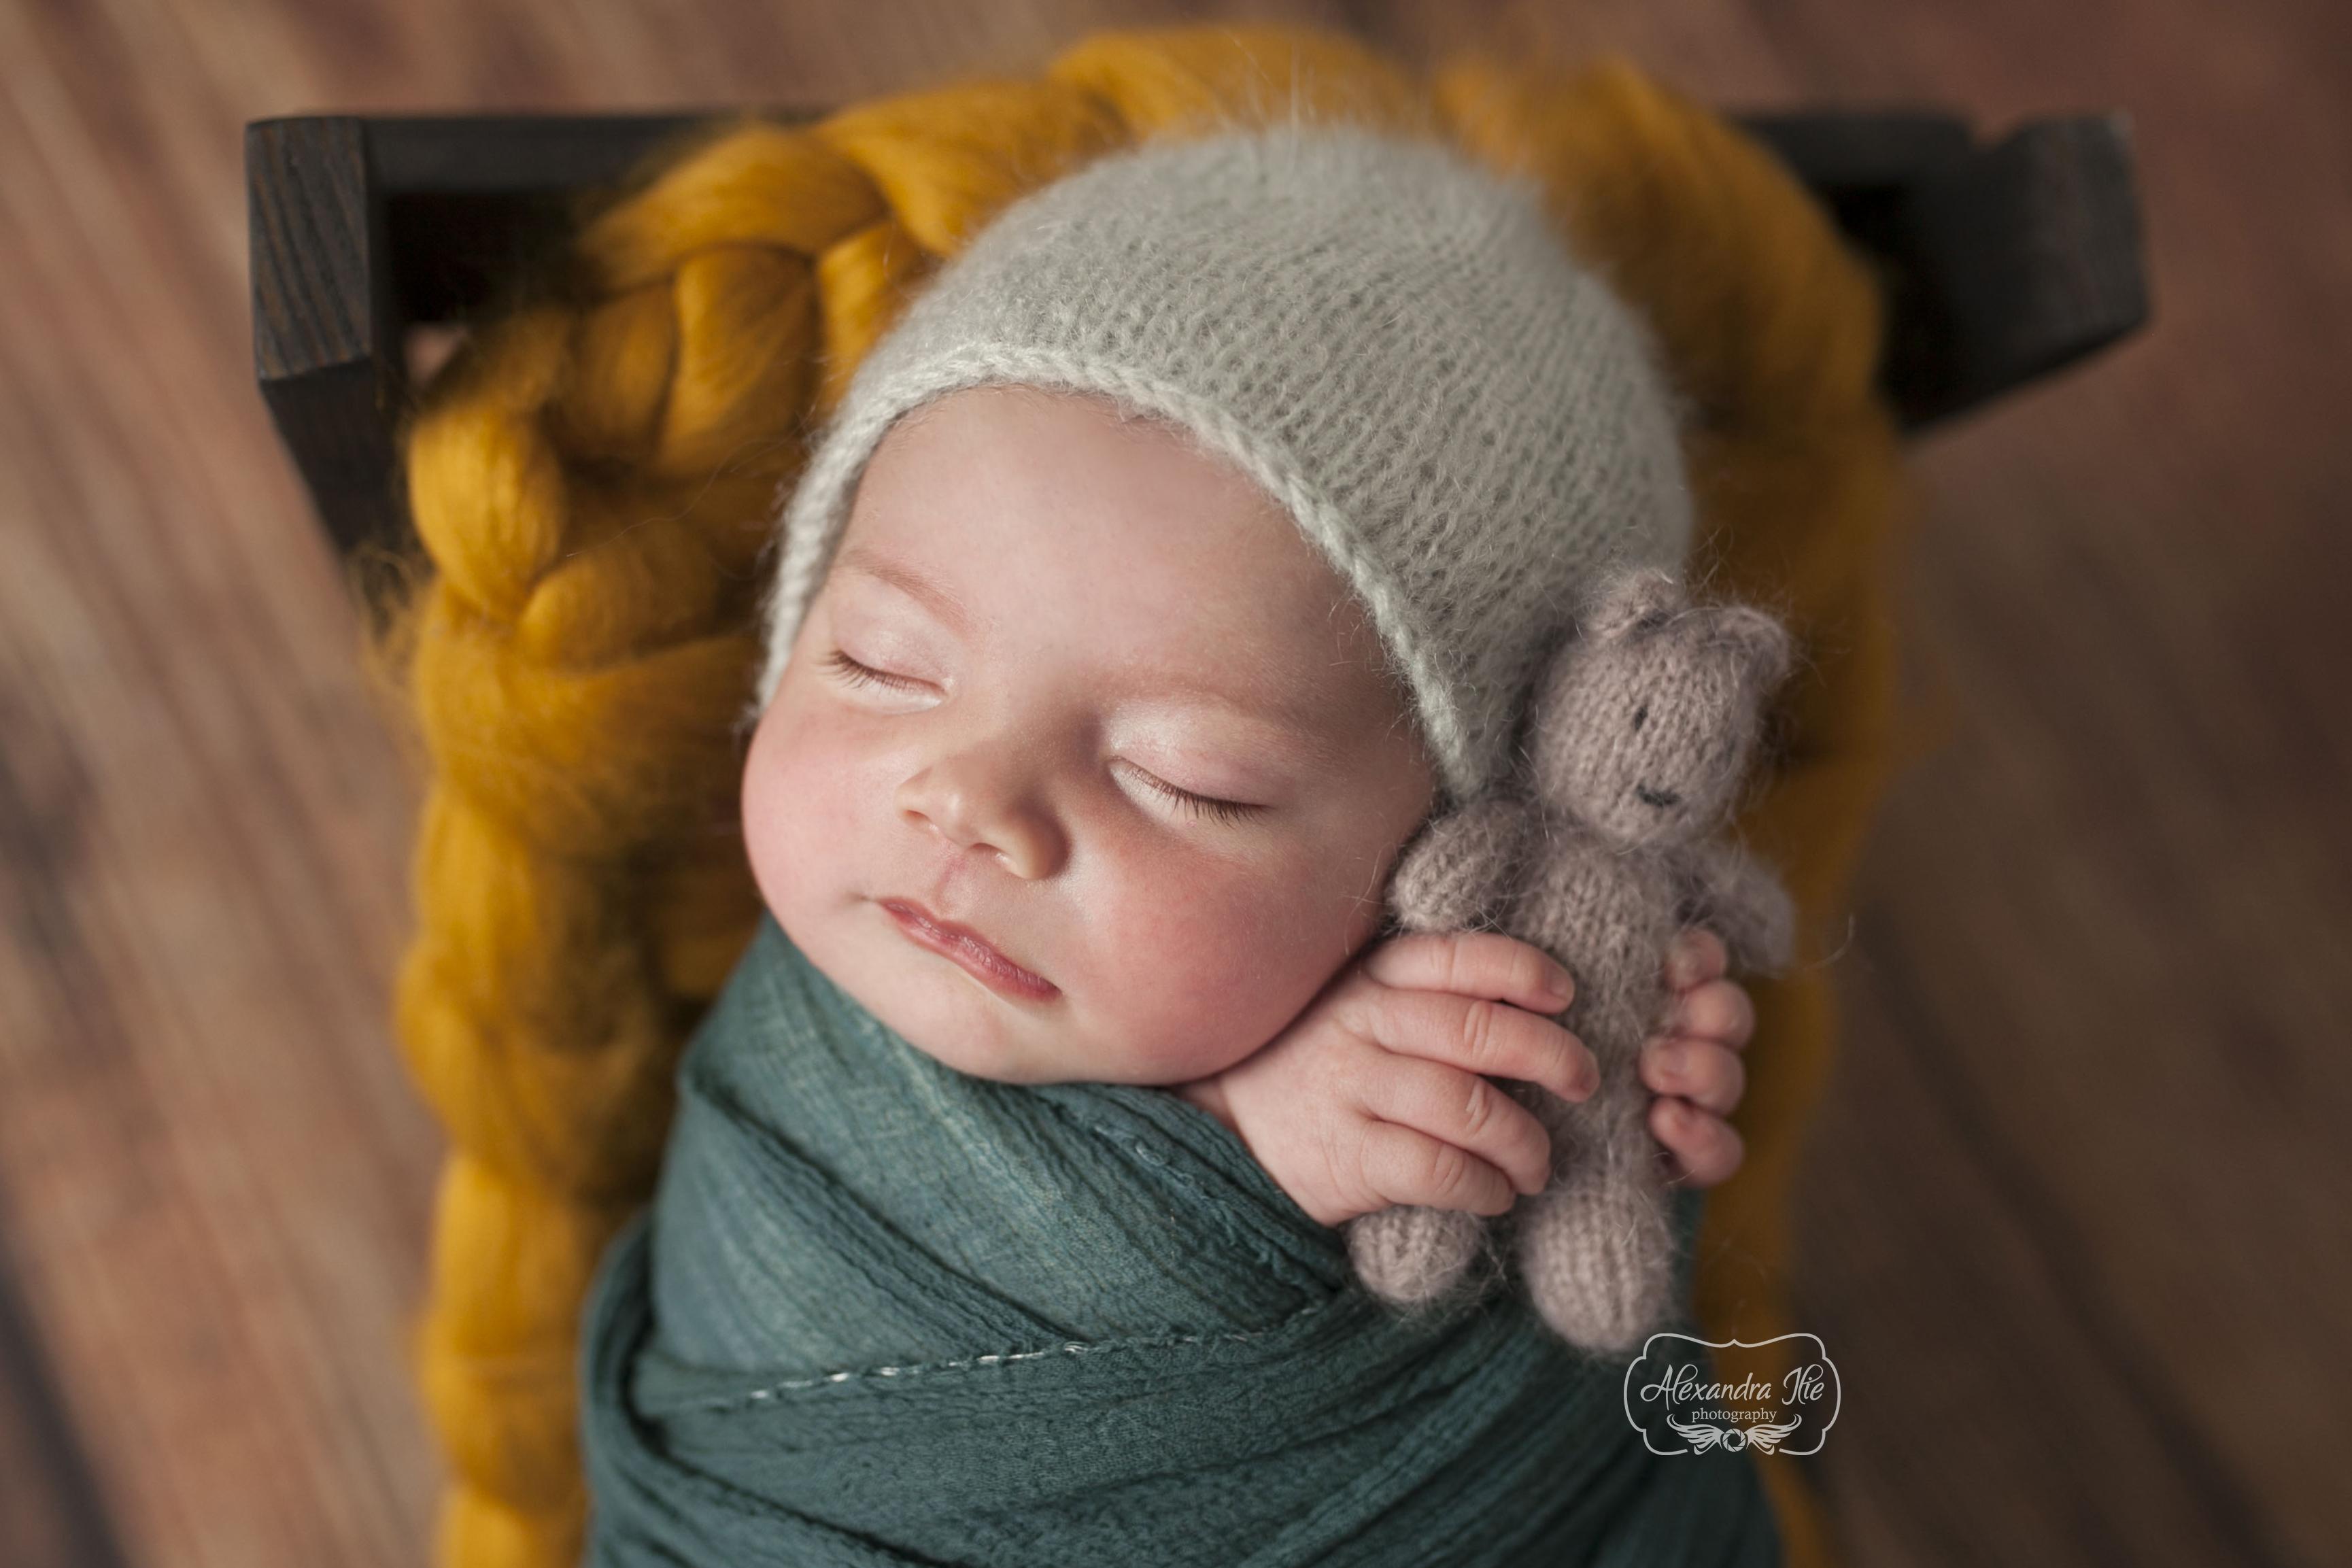 Semnificatia visului in care apar bebelusi